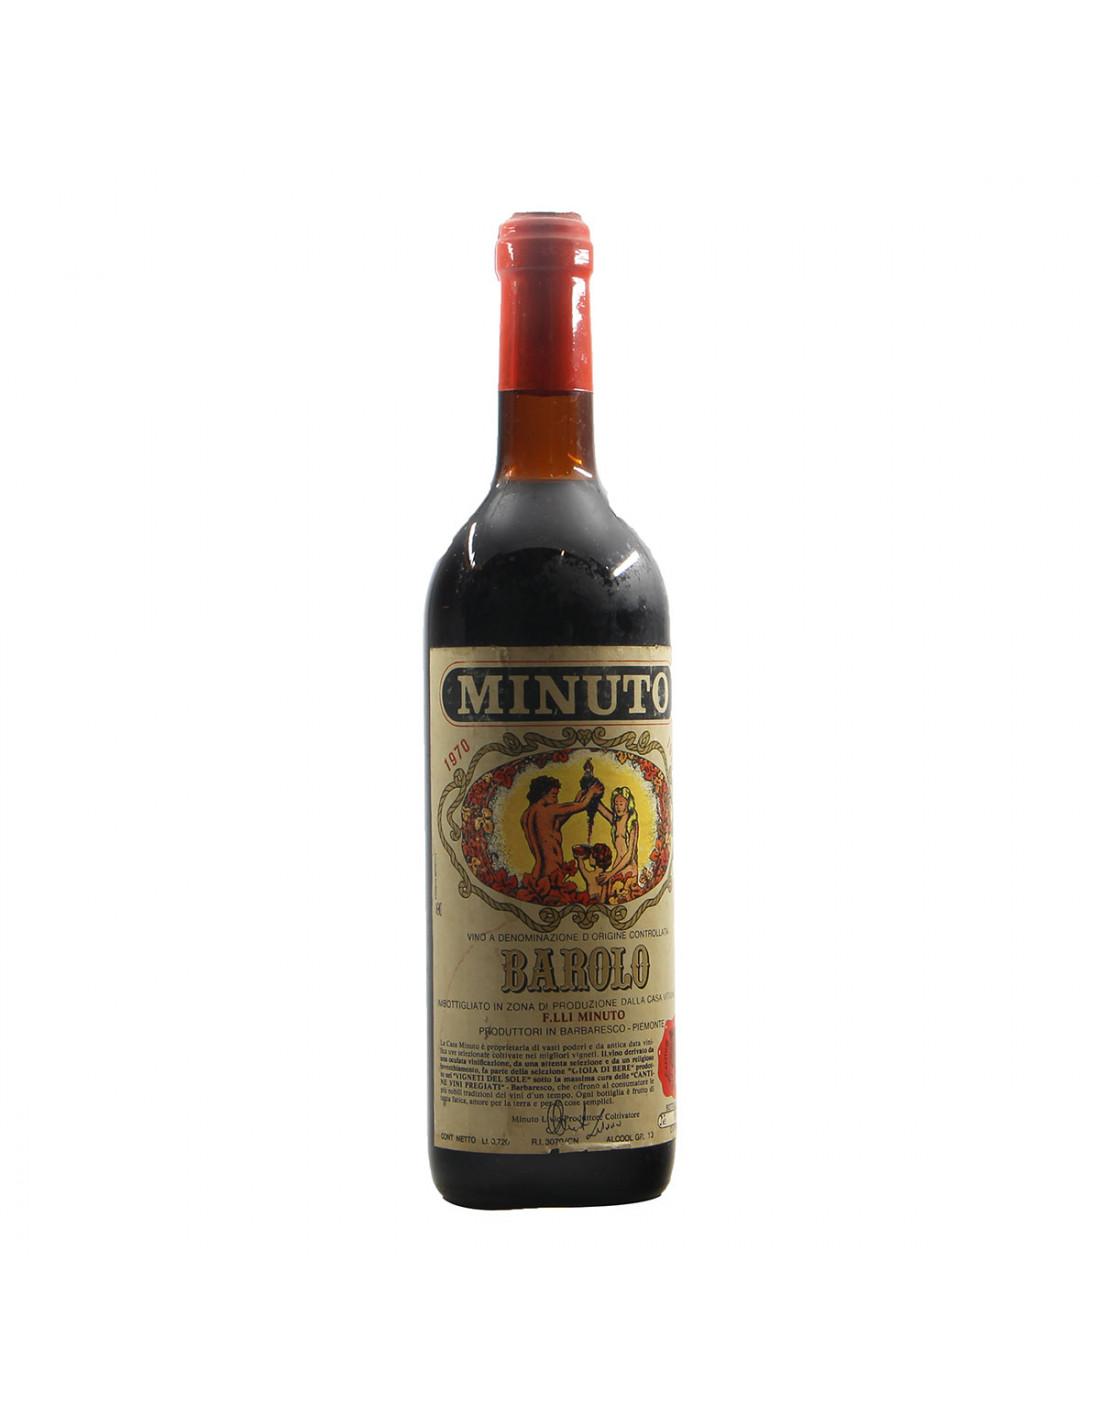 Minuto Barolo 1970 Grandi Bottiglie